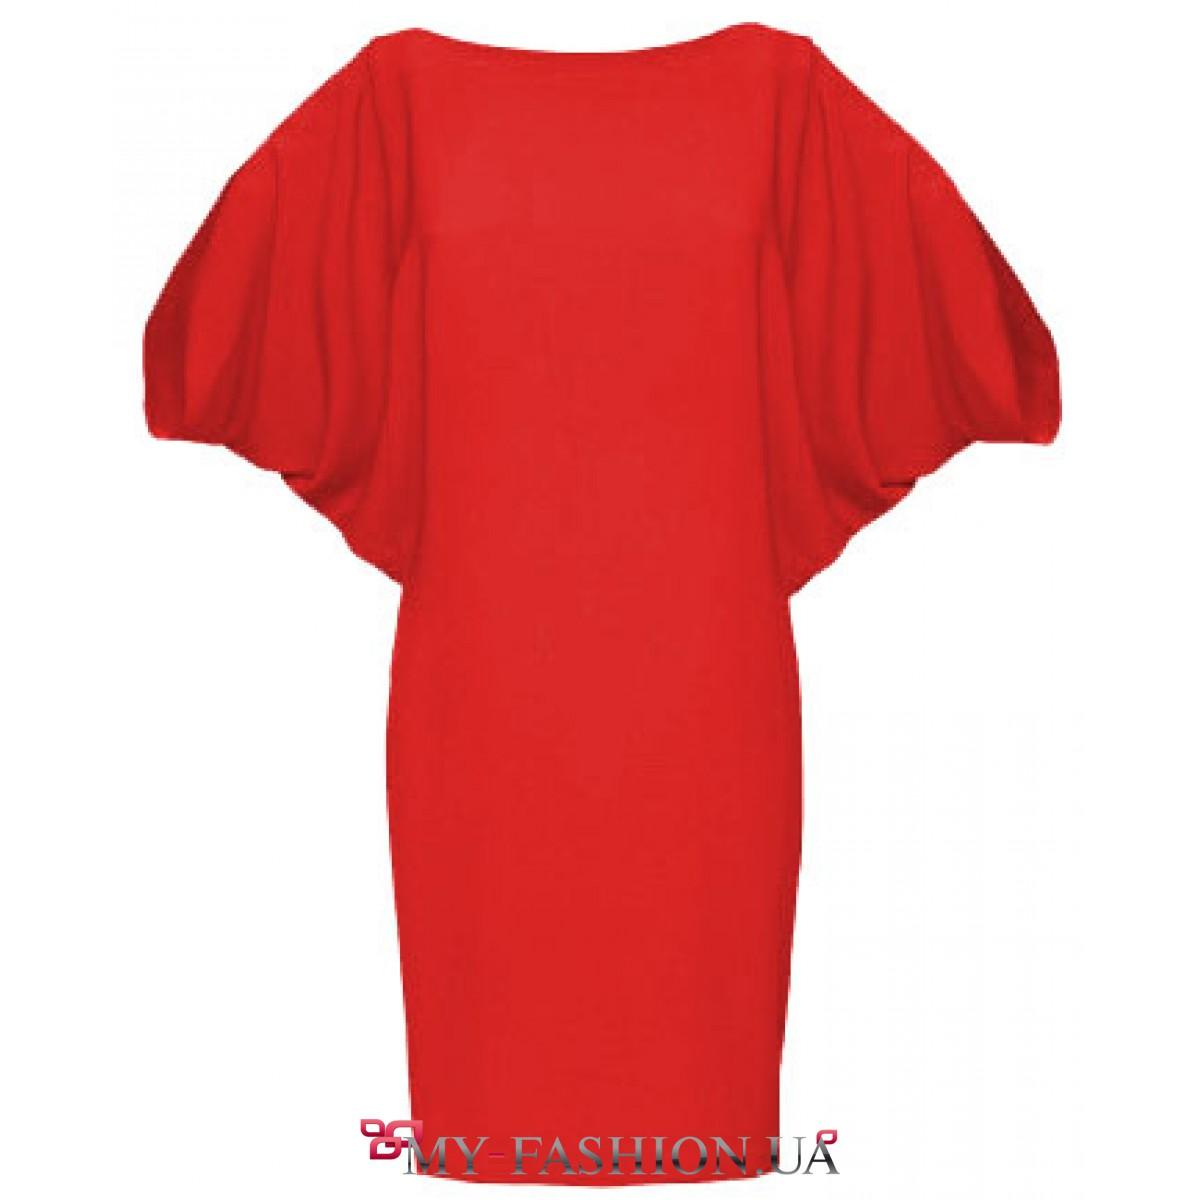 f2c9f84ba88 Асимметричное платье красного цвета с узкой юбкой купить в интернет ...